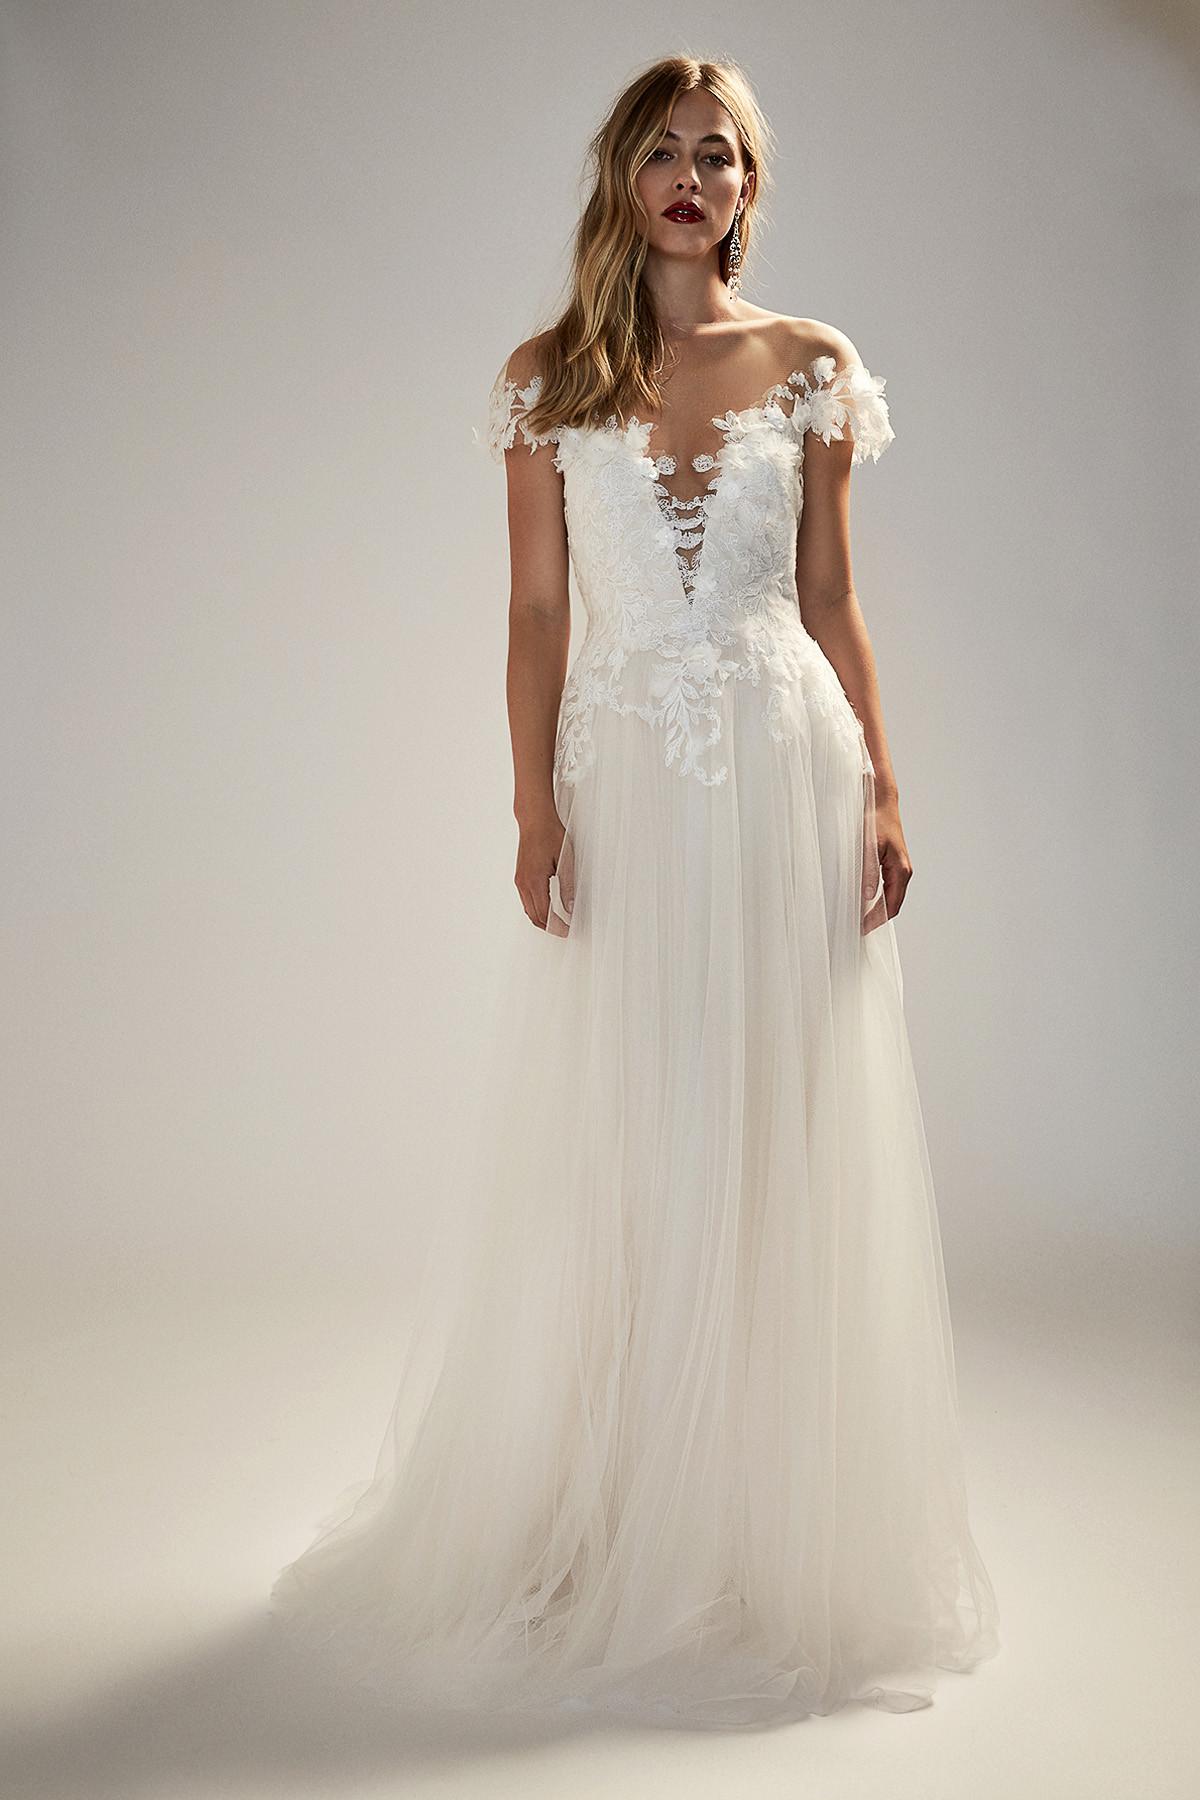 Emeline Uk10 12 Unique Boho Vintage Designer Wedding Dresses Bridal Accessories Bridal Boutique Singapore